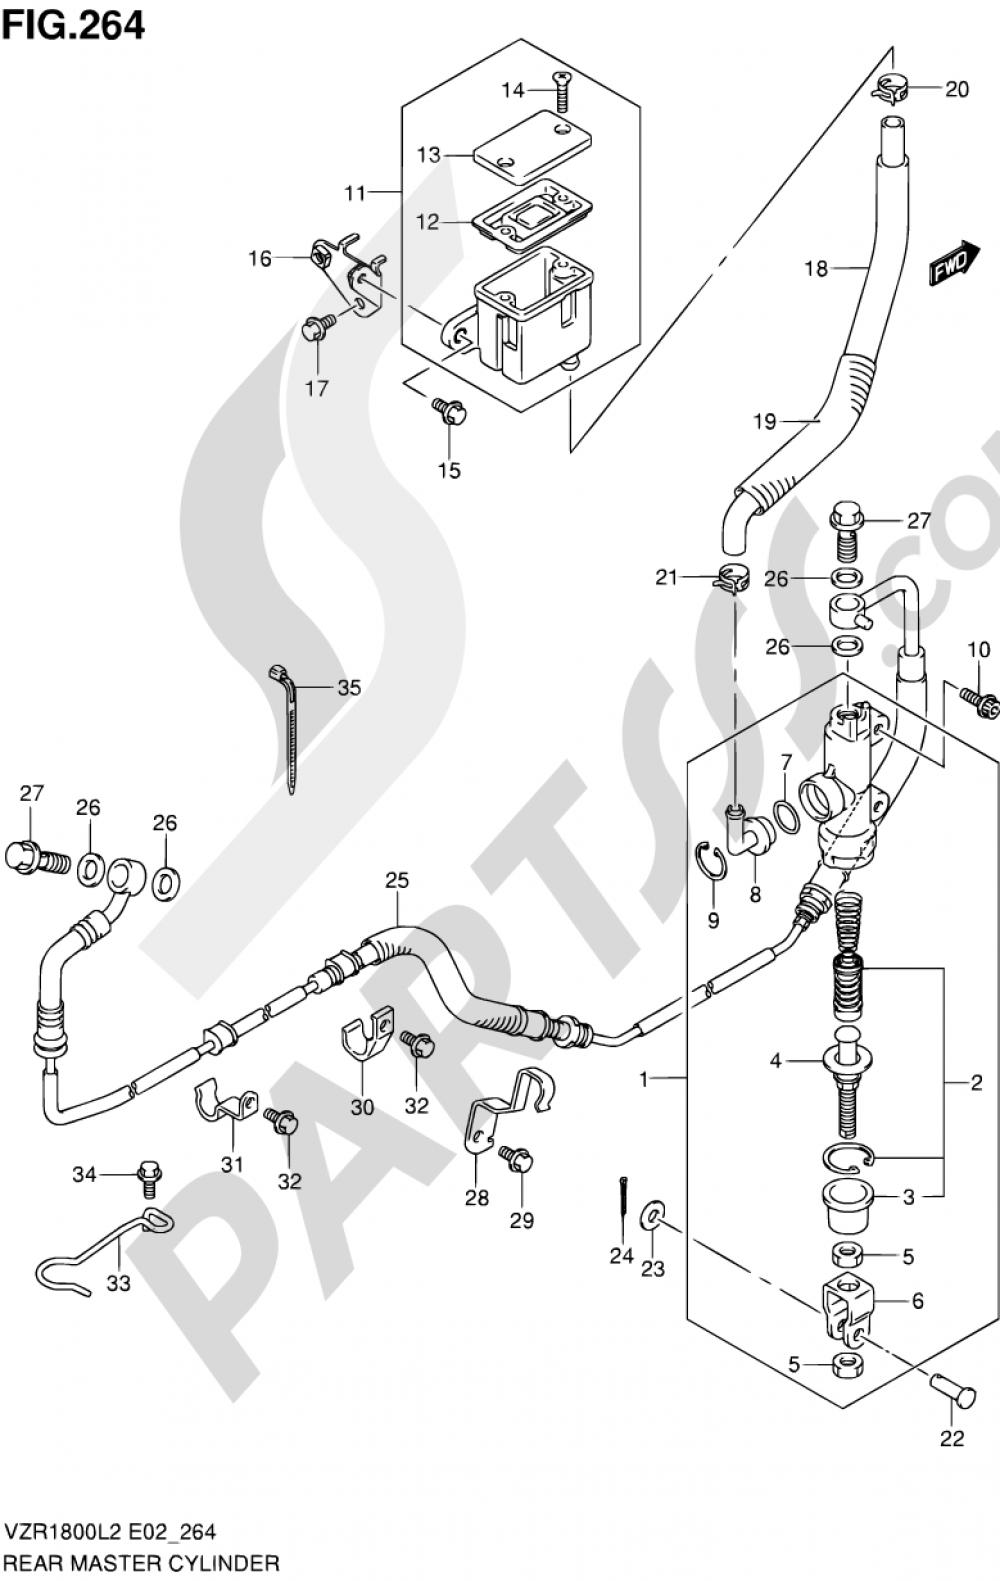 264 - REAR MASTER CYLINDER (VZR1800ZL2 E24) Suzuki VZR1800Z 2002